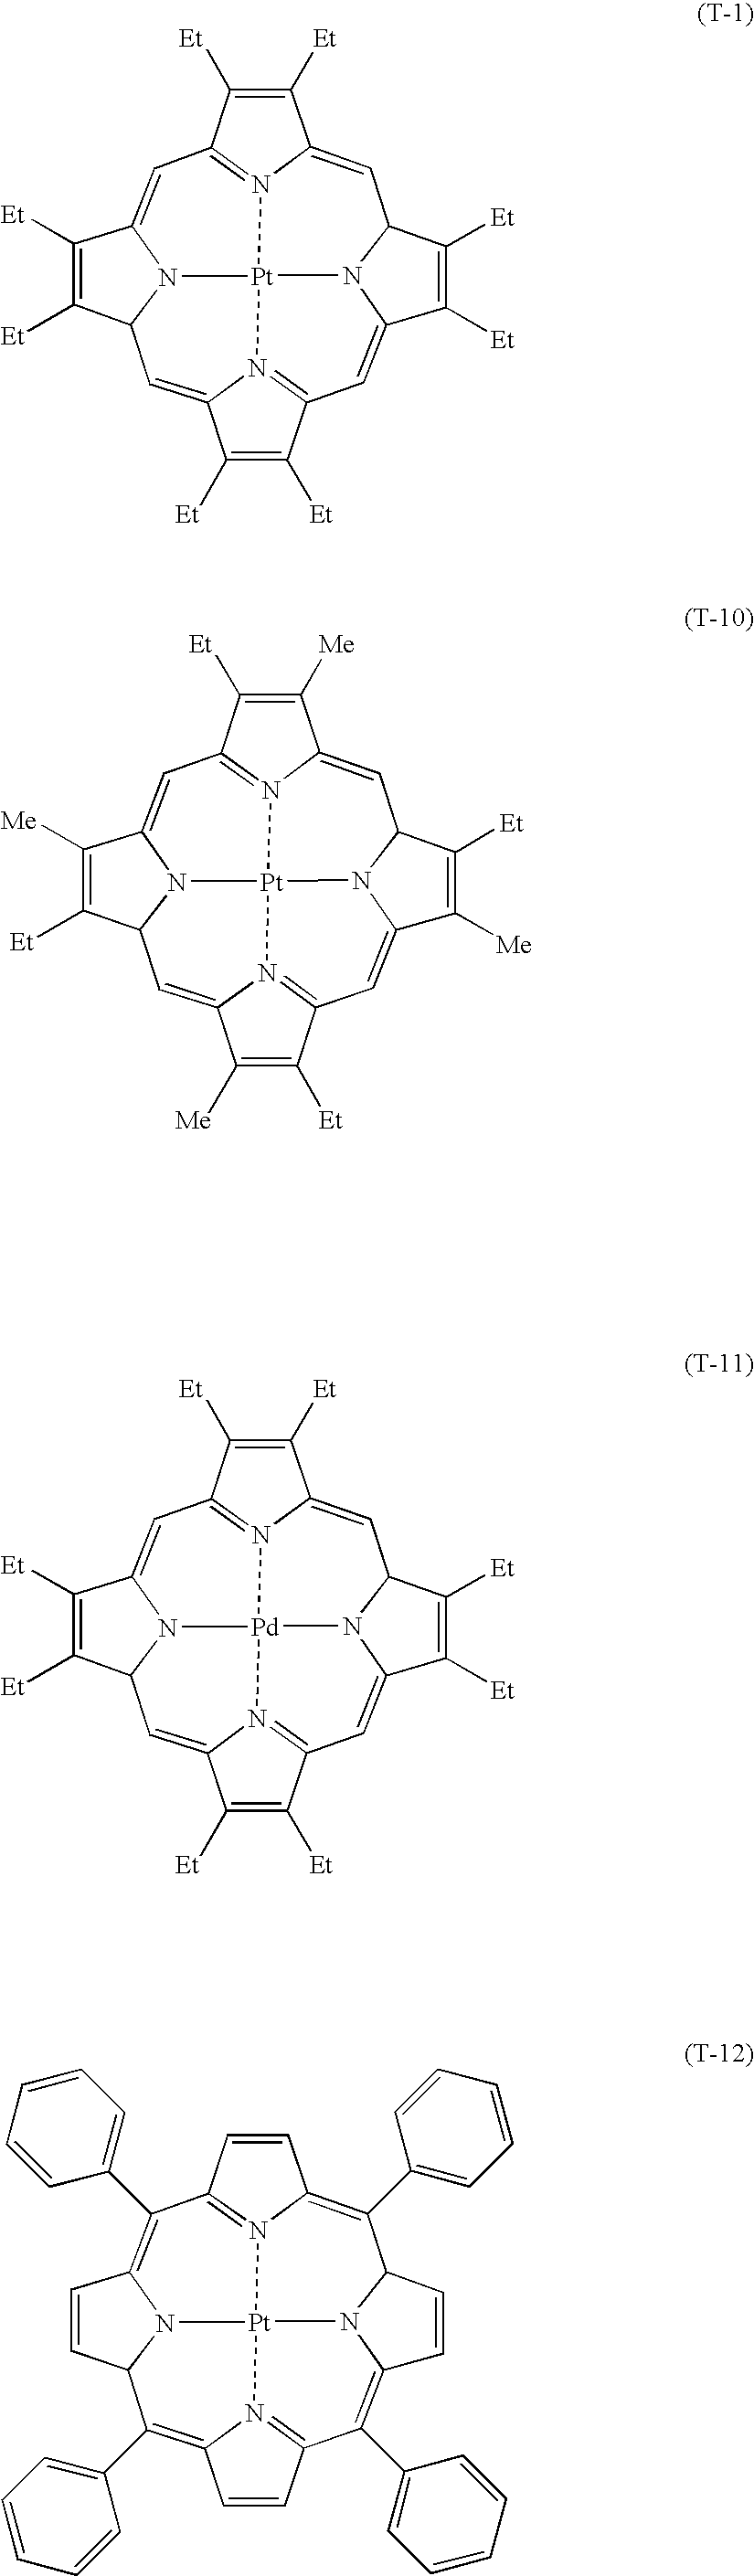 Figure US20060186796A1-20060824-C00084